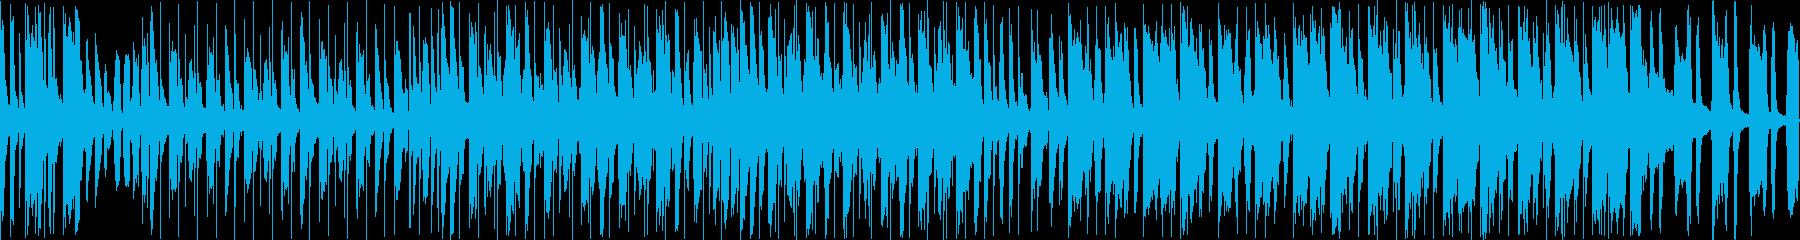 【ループ】遊園地で流れる賑やかなBGMの再生済みの波形